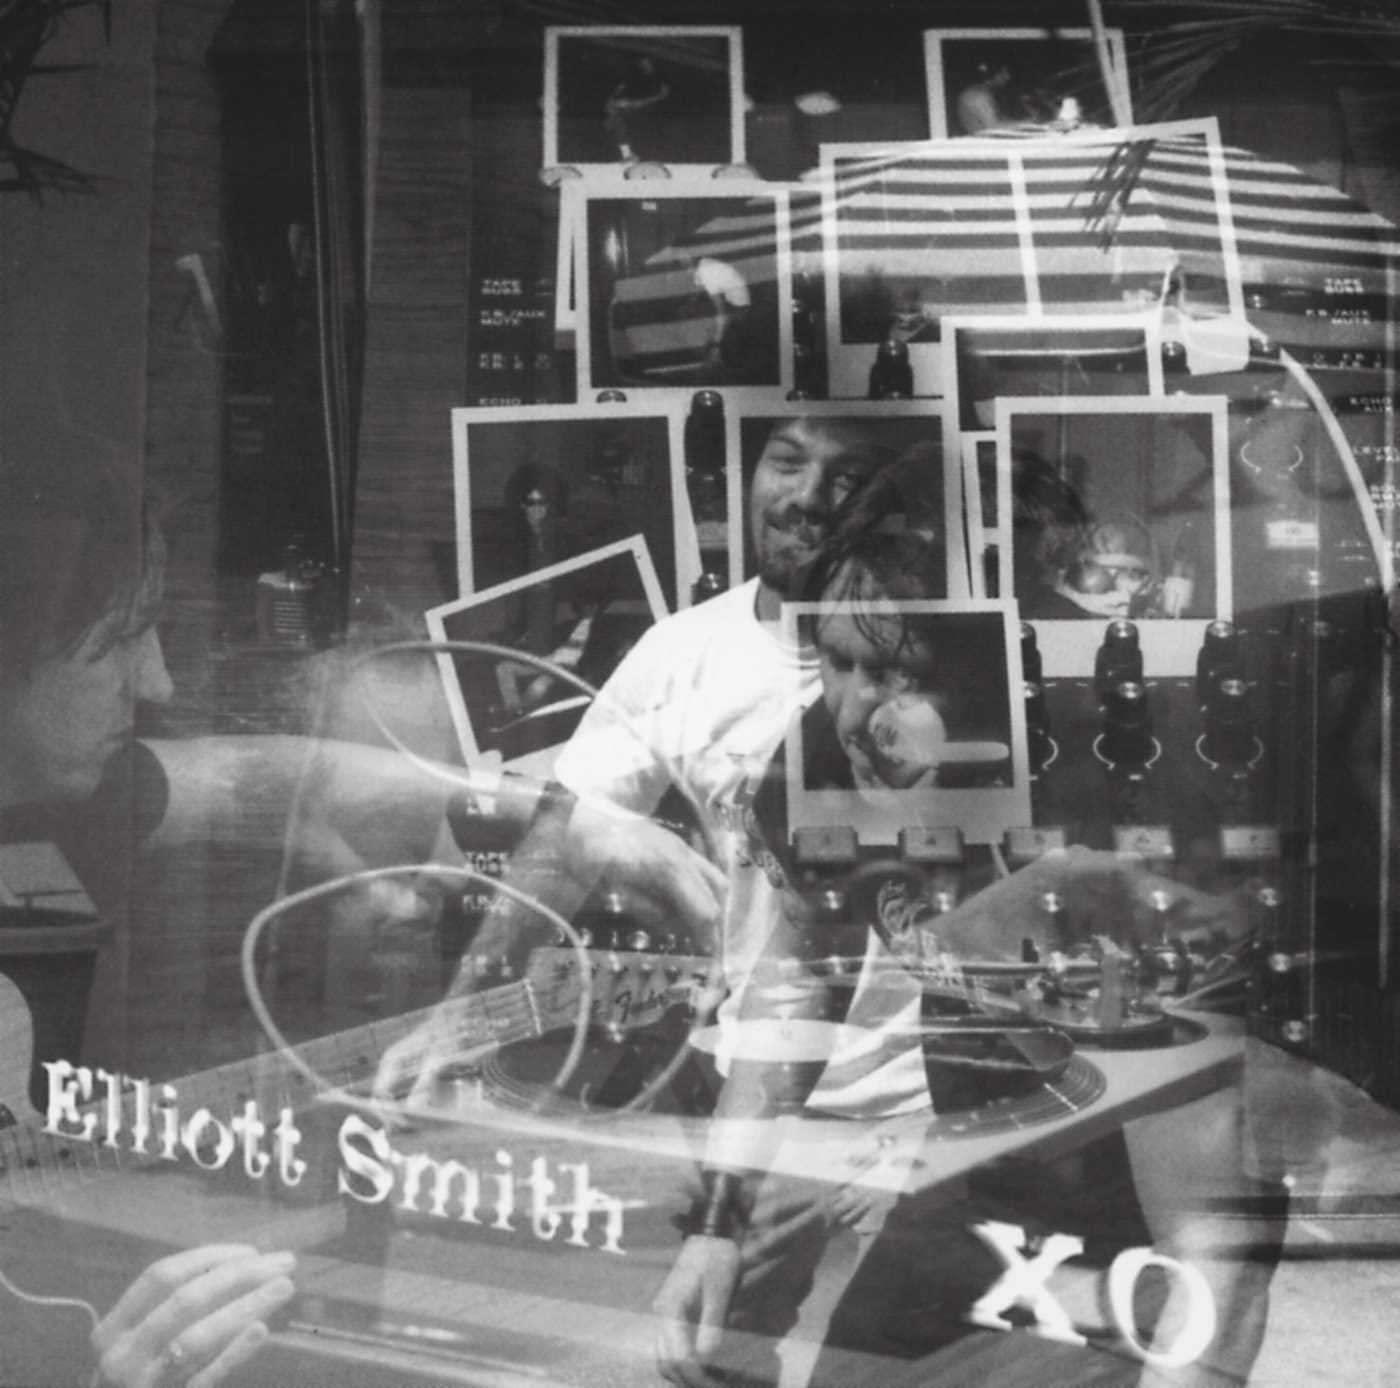 エリオット・スミス「XO」 儚くもやさしいアコースティック・サウンド